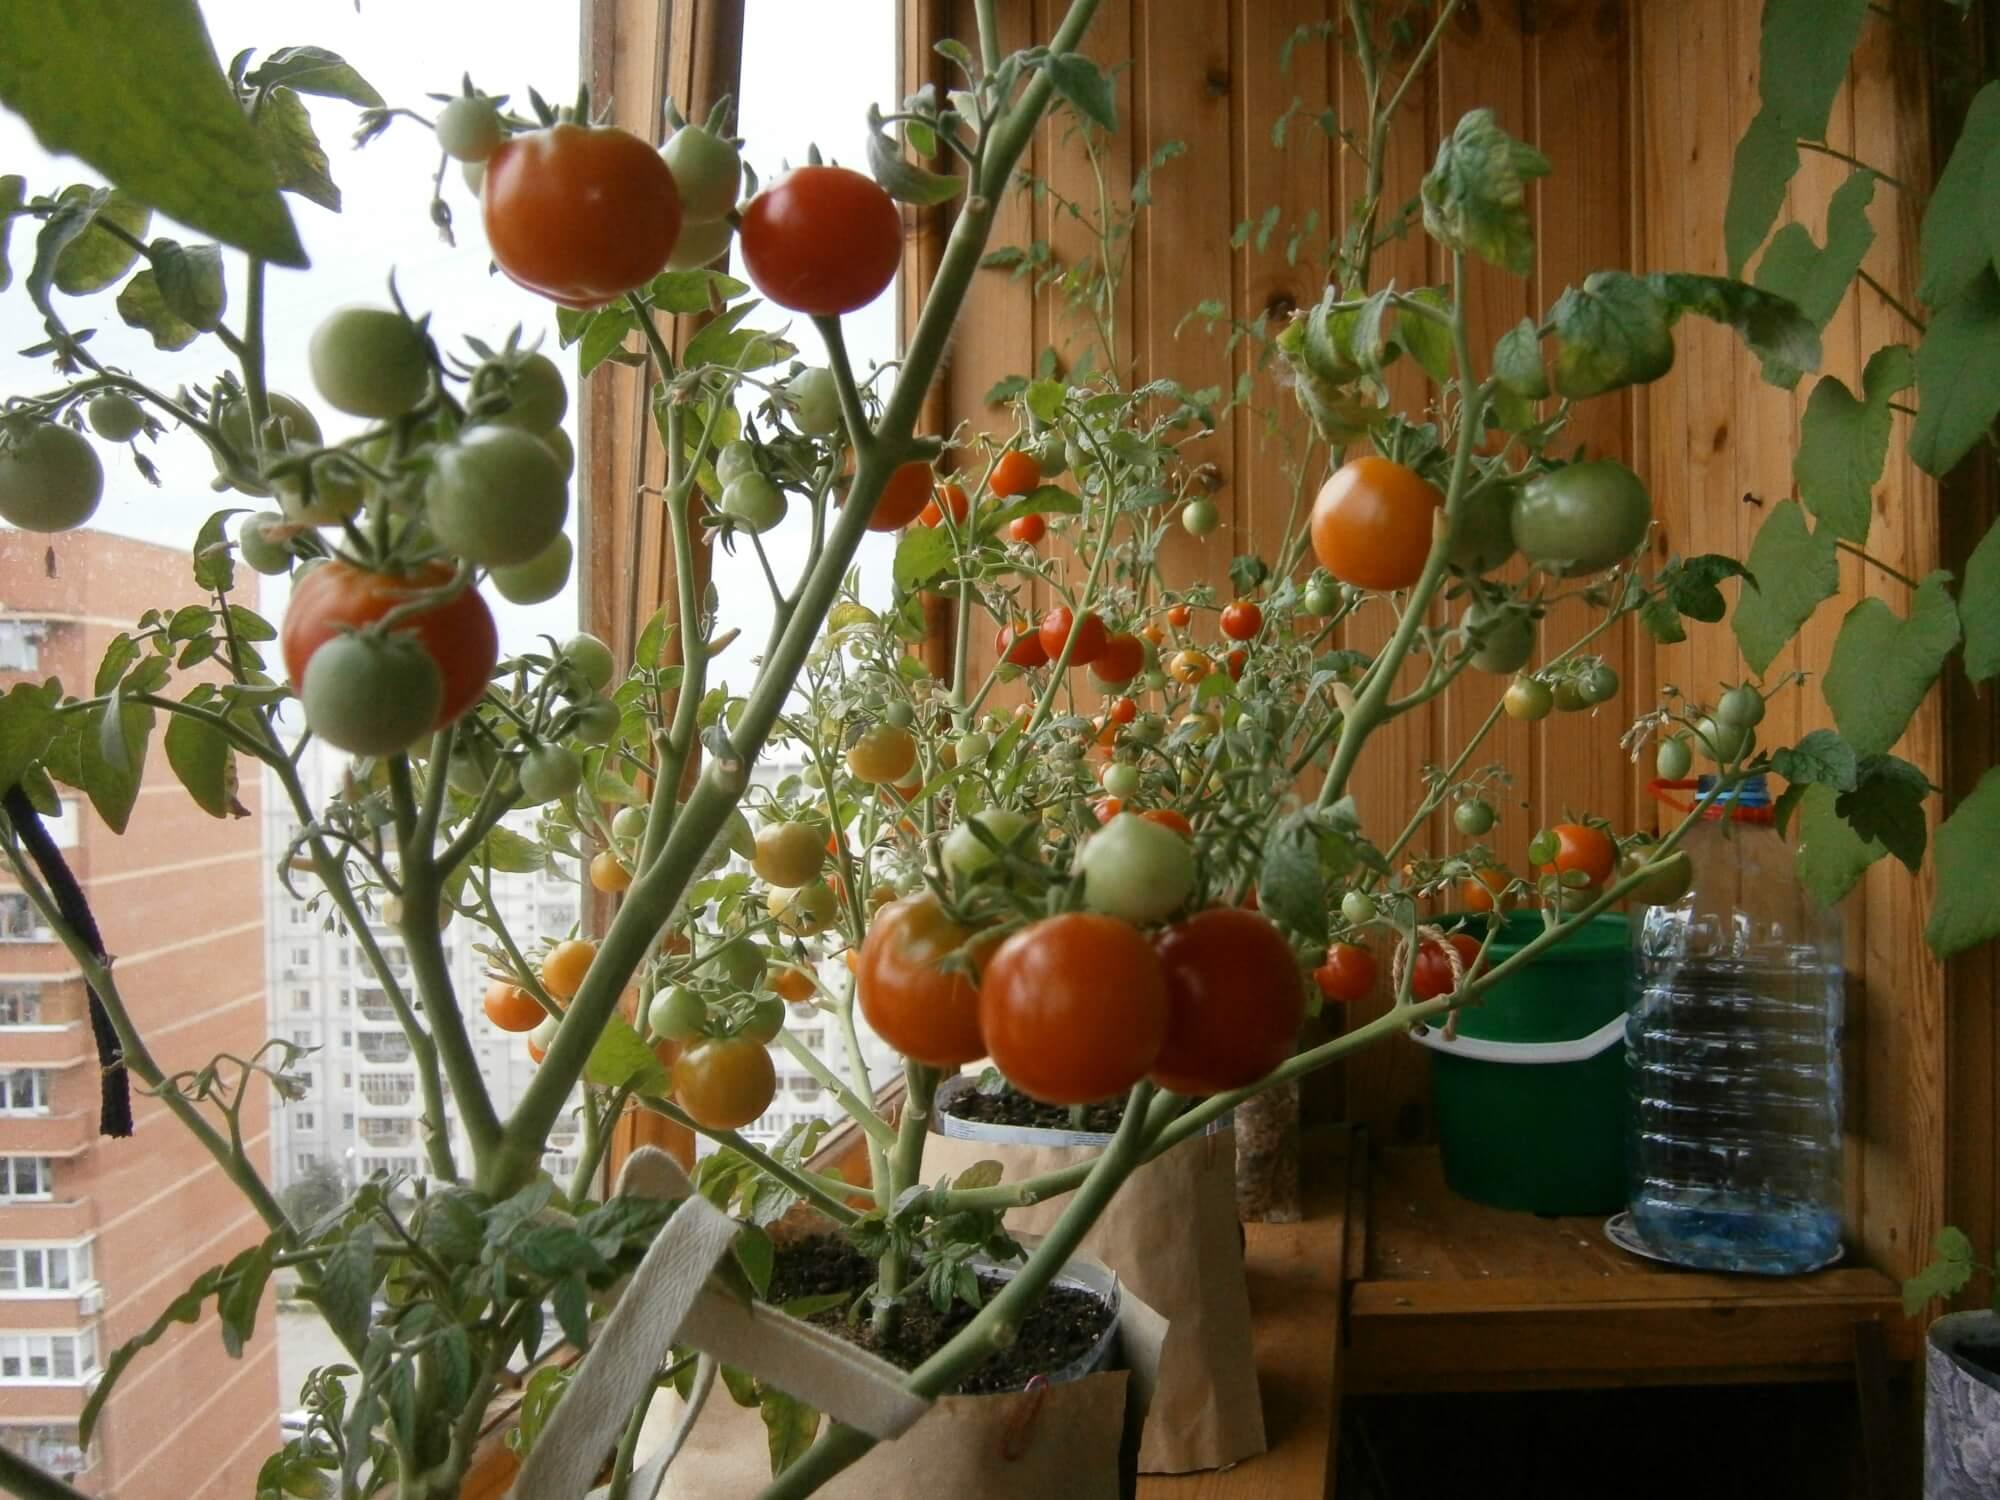 томаты дома с картинками самые интересные обсуждаемые